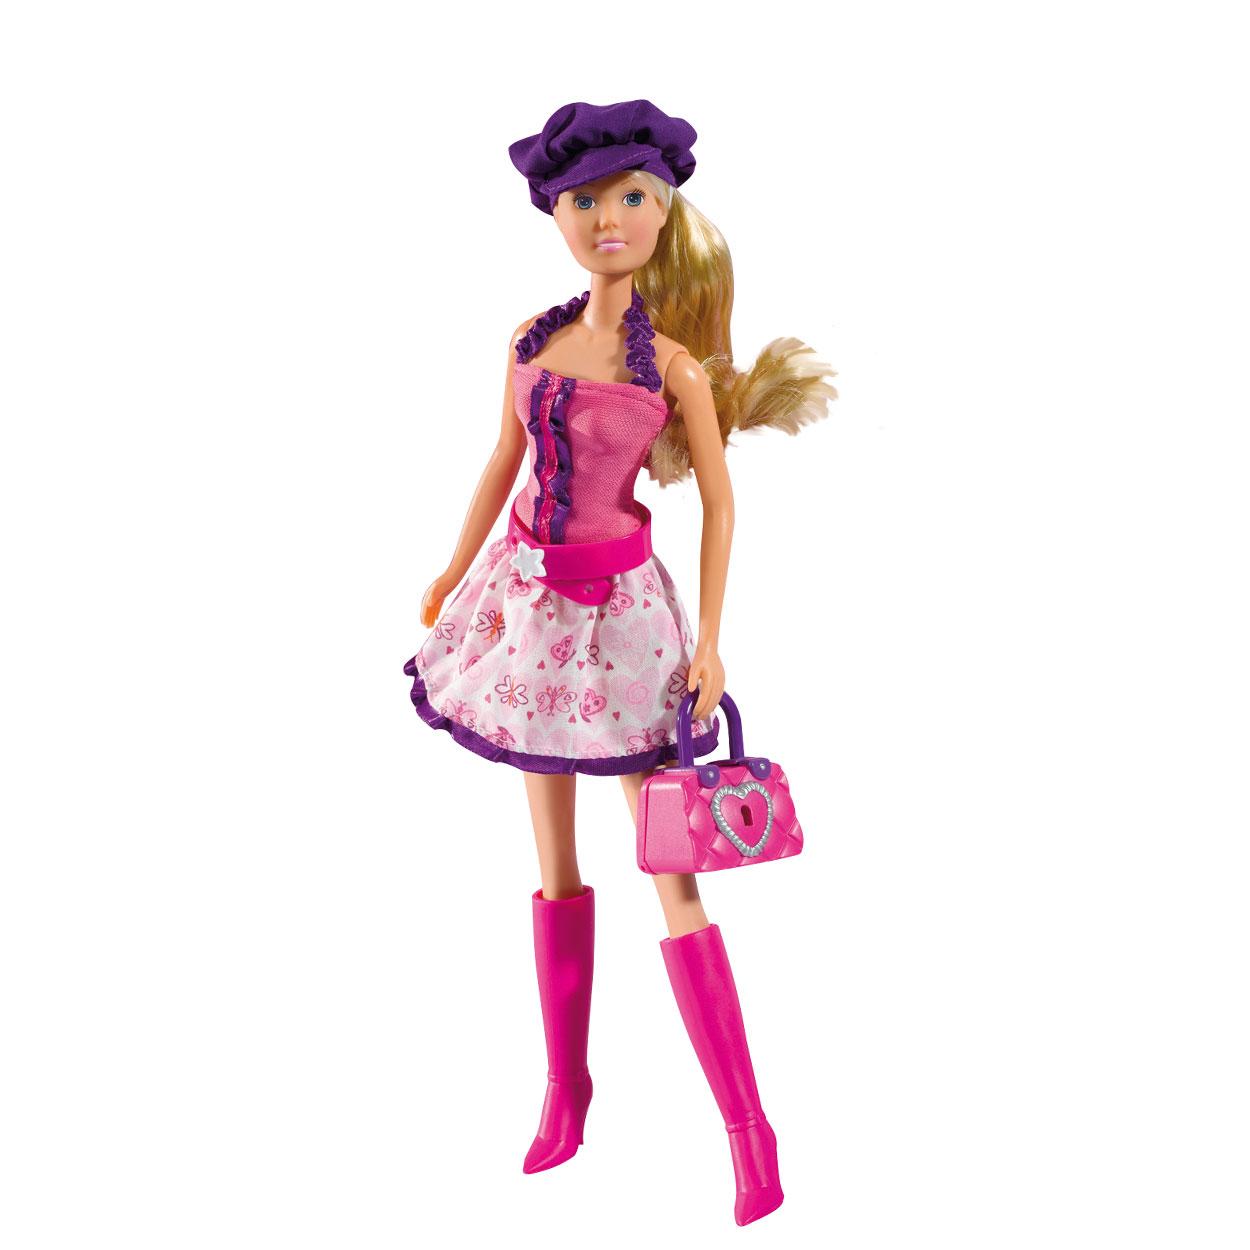 Simba Кукла Штеффи с секретной сумочкой5733081Кукла Simba Steffi Love. Sekret Bag надолго займет внимание вашей малышки и подарит ей множество счастливых мгновений. Кукла изготовлена из пластика, ее голова, ручки и ножки подвижны, что позволяет придавать ей разнообразные позы. Куколка одета в стильное платье и розовые сапоги. Стильный образ дополняют розовый ремень и фиолетовая кепка. Чудесные длинные волосы куклы так весело расчесывать и создавать из них всевозможные прически, косички и хвостики. У Штеффи имеется секретная сумочка с сюрпризом, которая закрывается на ключ. Благодаря играм с куклой, ваша малышка сможет развить фантазию и любознательность, овладеть навыками общения и научиться ответственности, а дополнительные аксессуары сделают игру еще увлекательнее. Порадуйте свою принцессу таким прекрасным подарком!